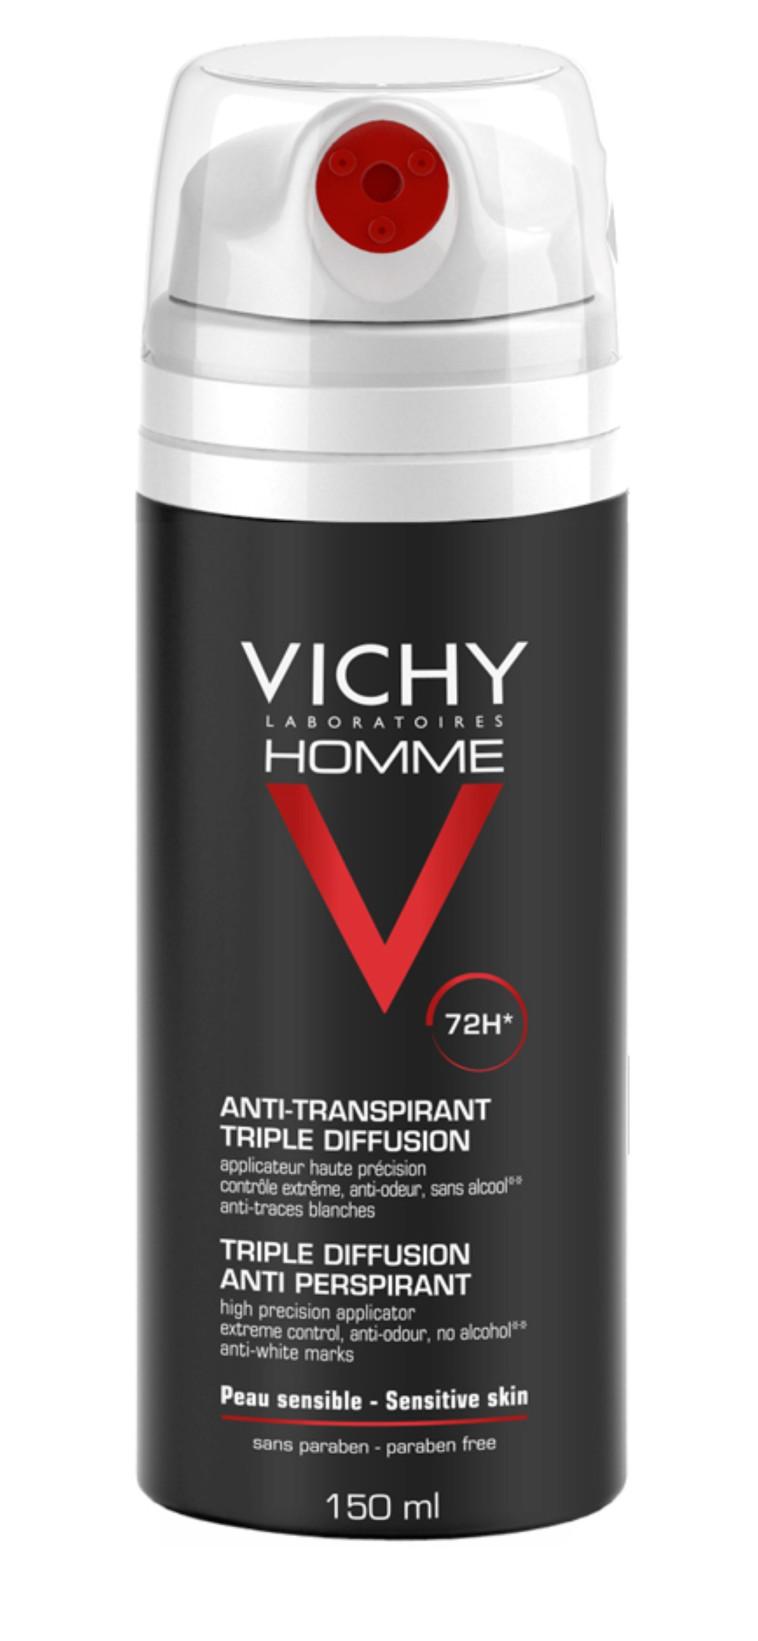 Desodorante masculino de acción hasta 72 horas, Vichy (Foto: PR)